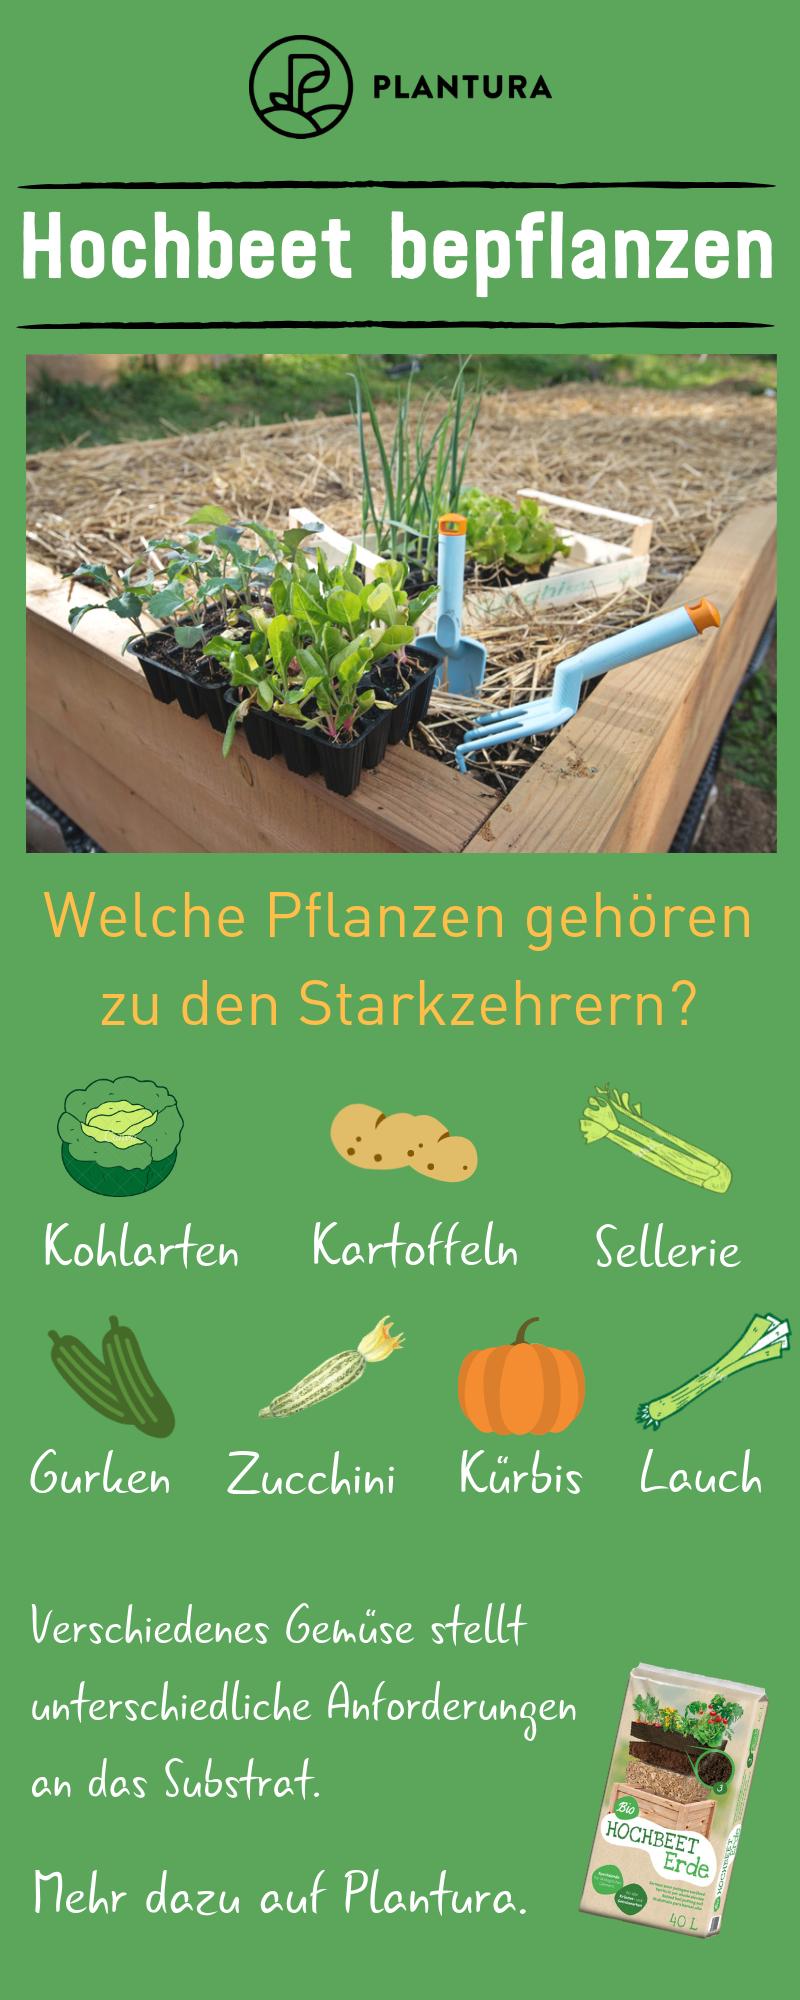 Hochbeet Bepflanzen Pflanzplan Mischkultur Grundungung Hochbeet Bepflanzen Hochbeet Und Pflanzplan